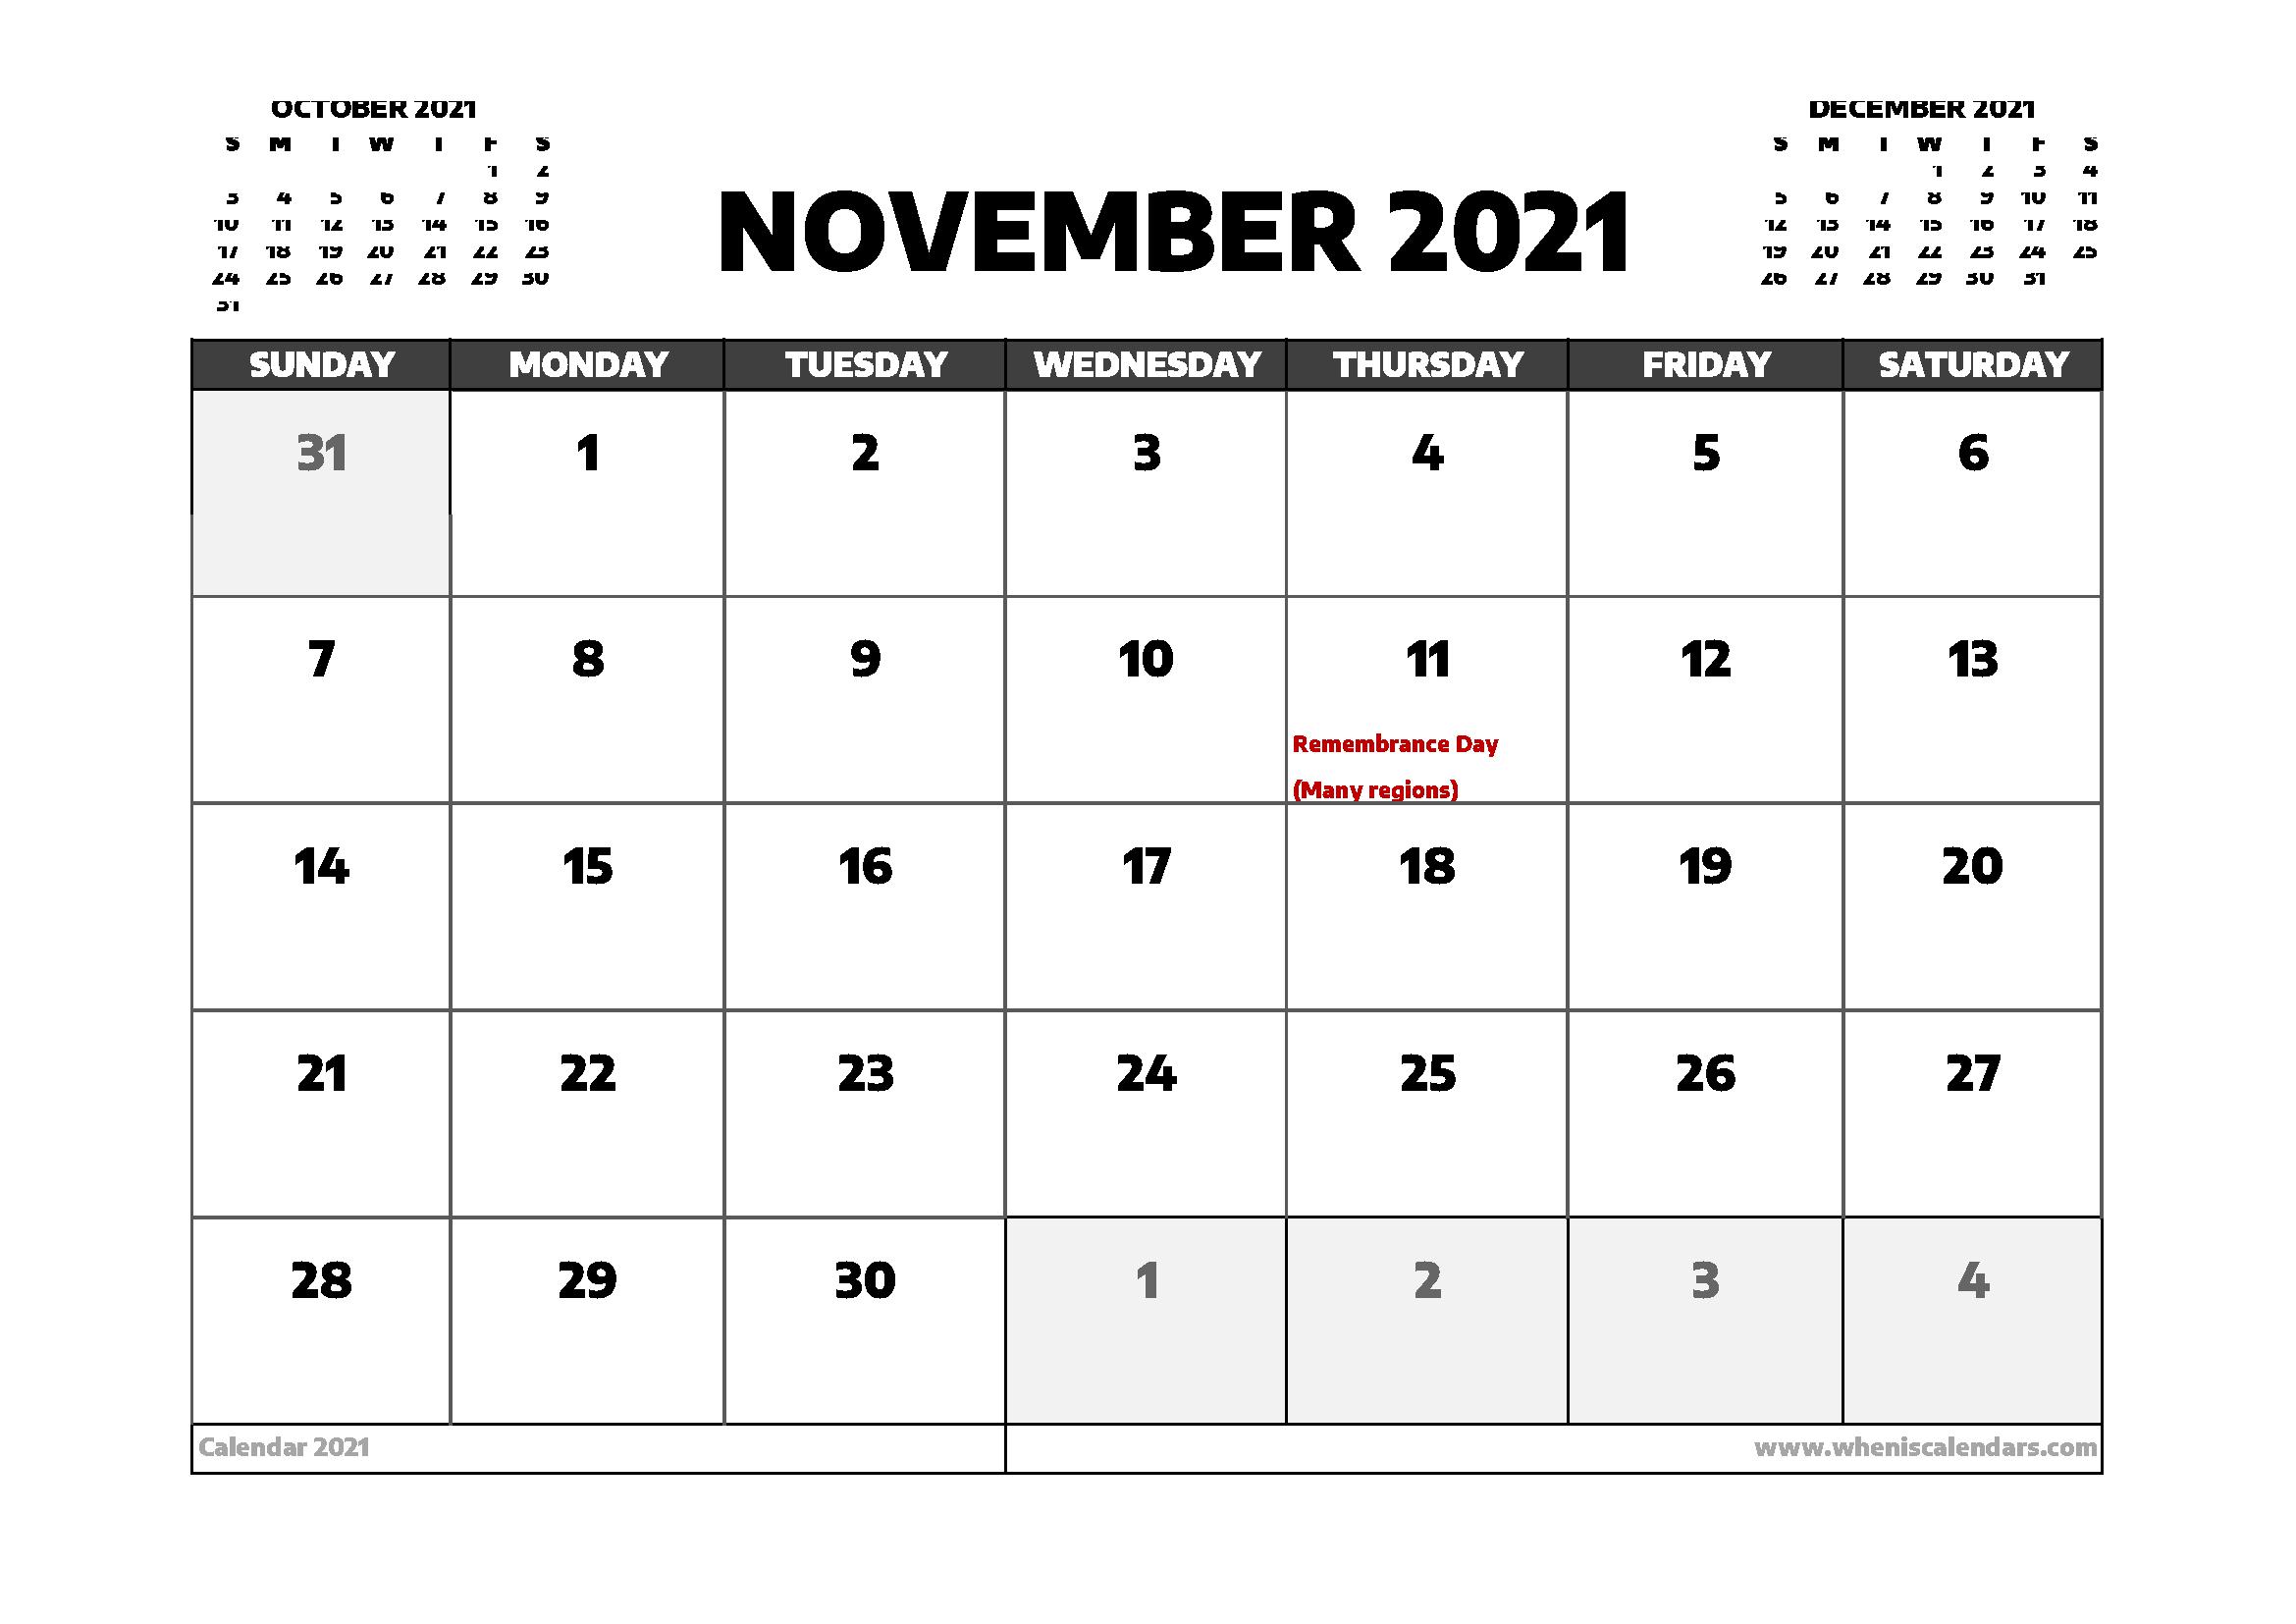 November 2021 Calendar Canada with Holidays